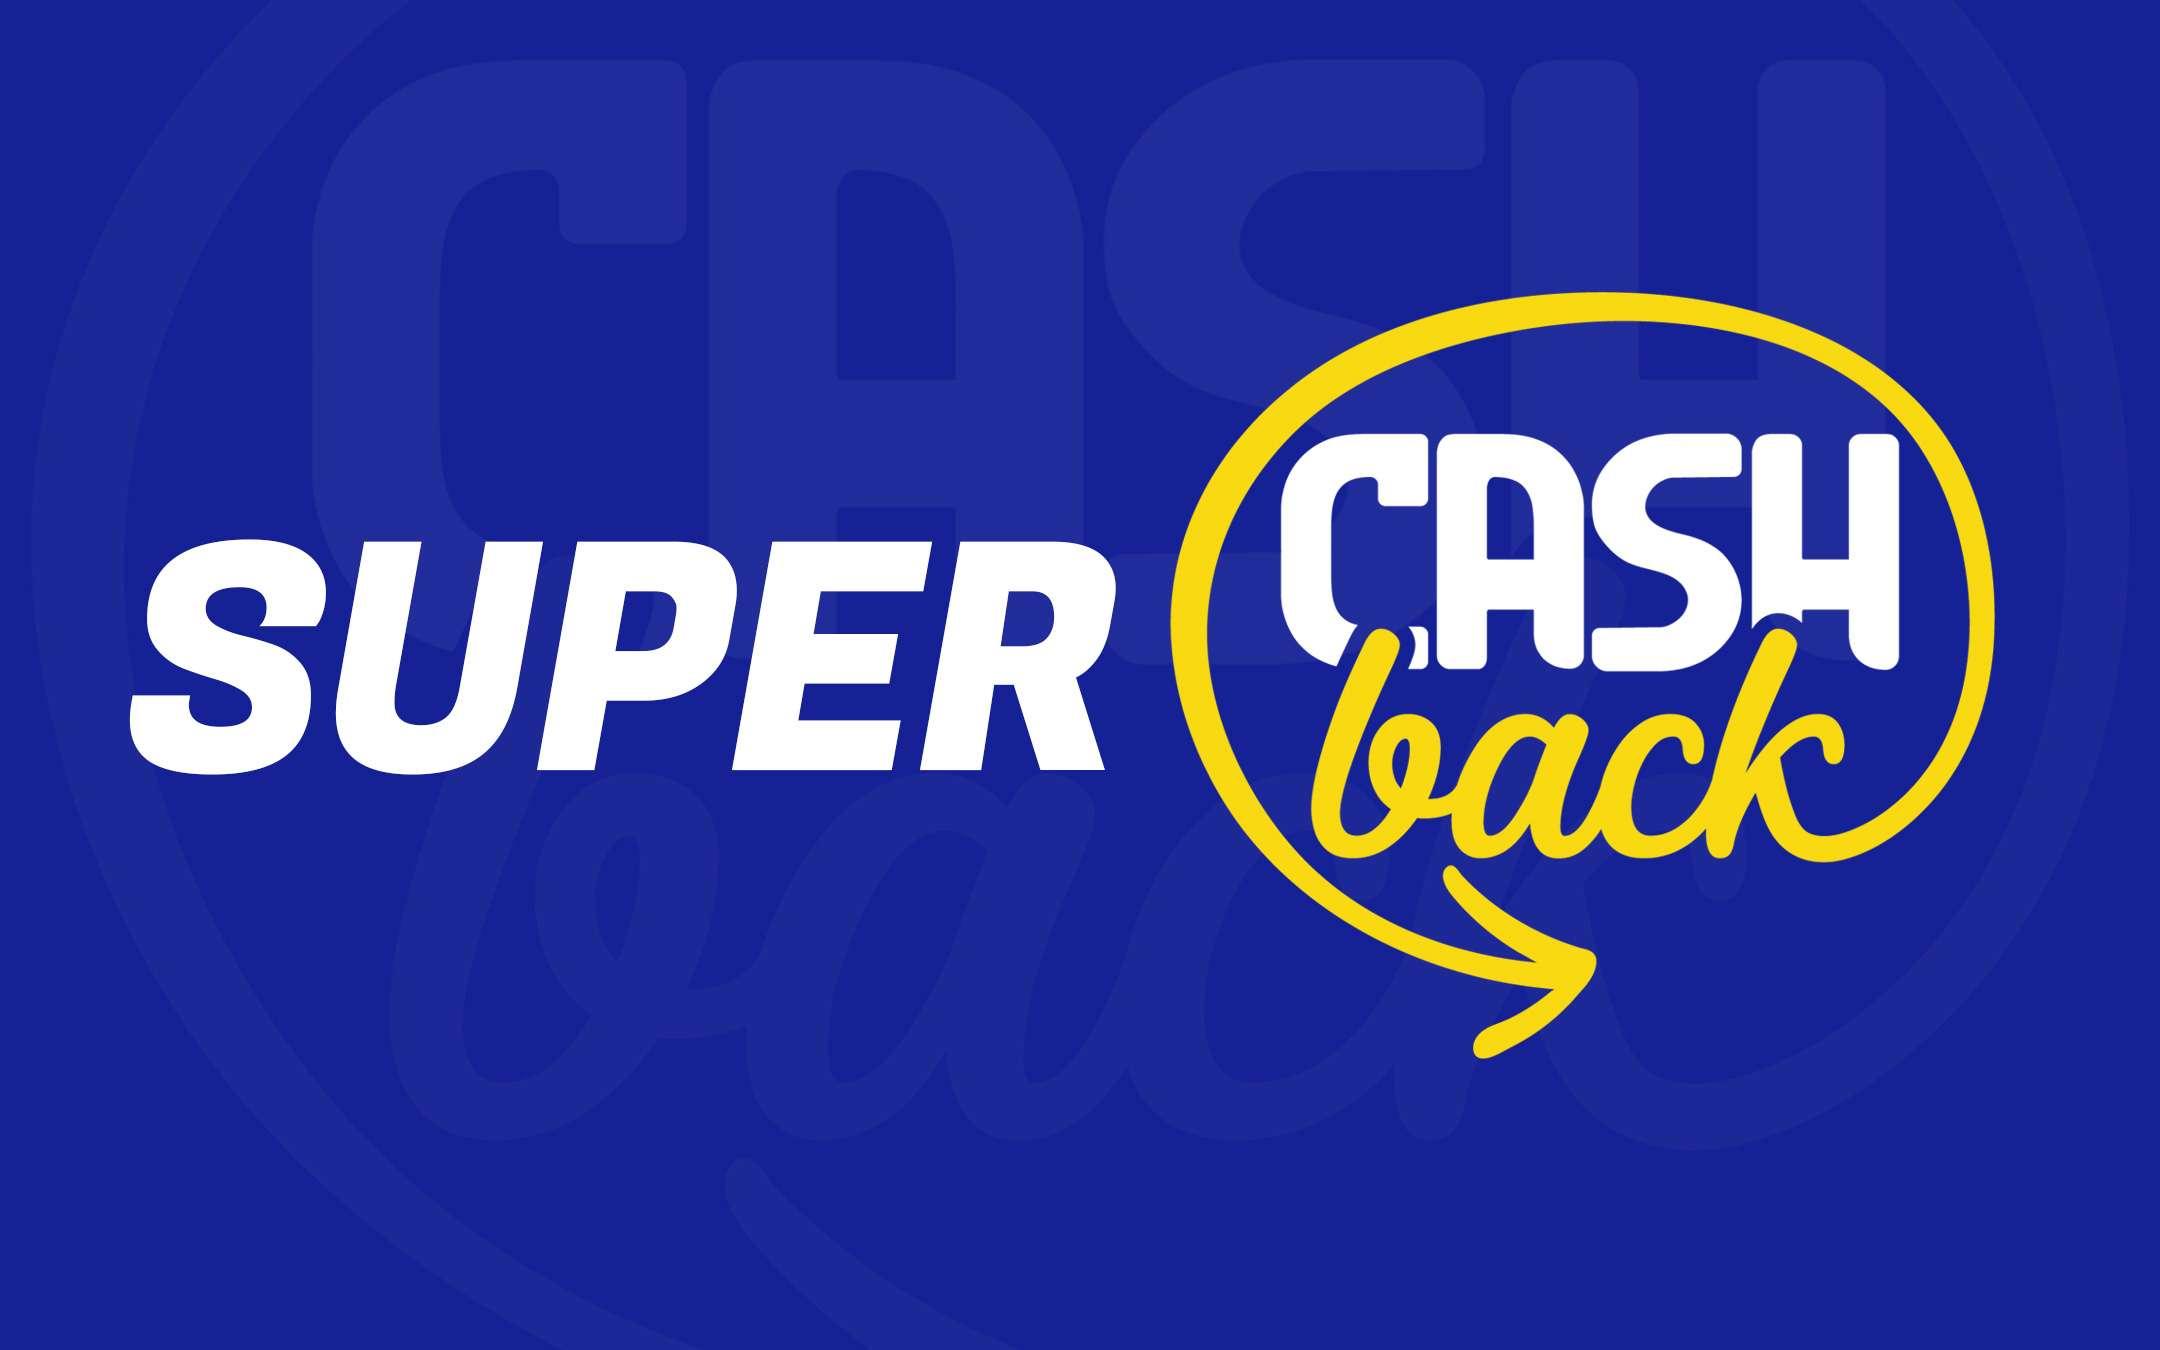 Super Cashback at risk? Let's be clear